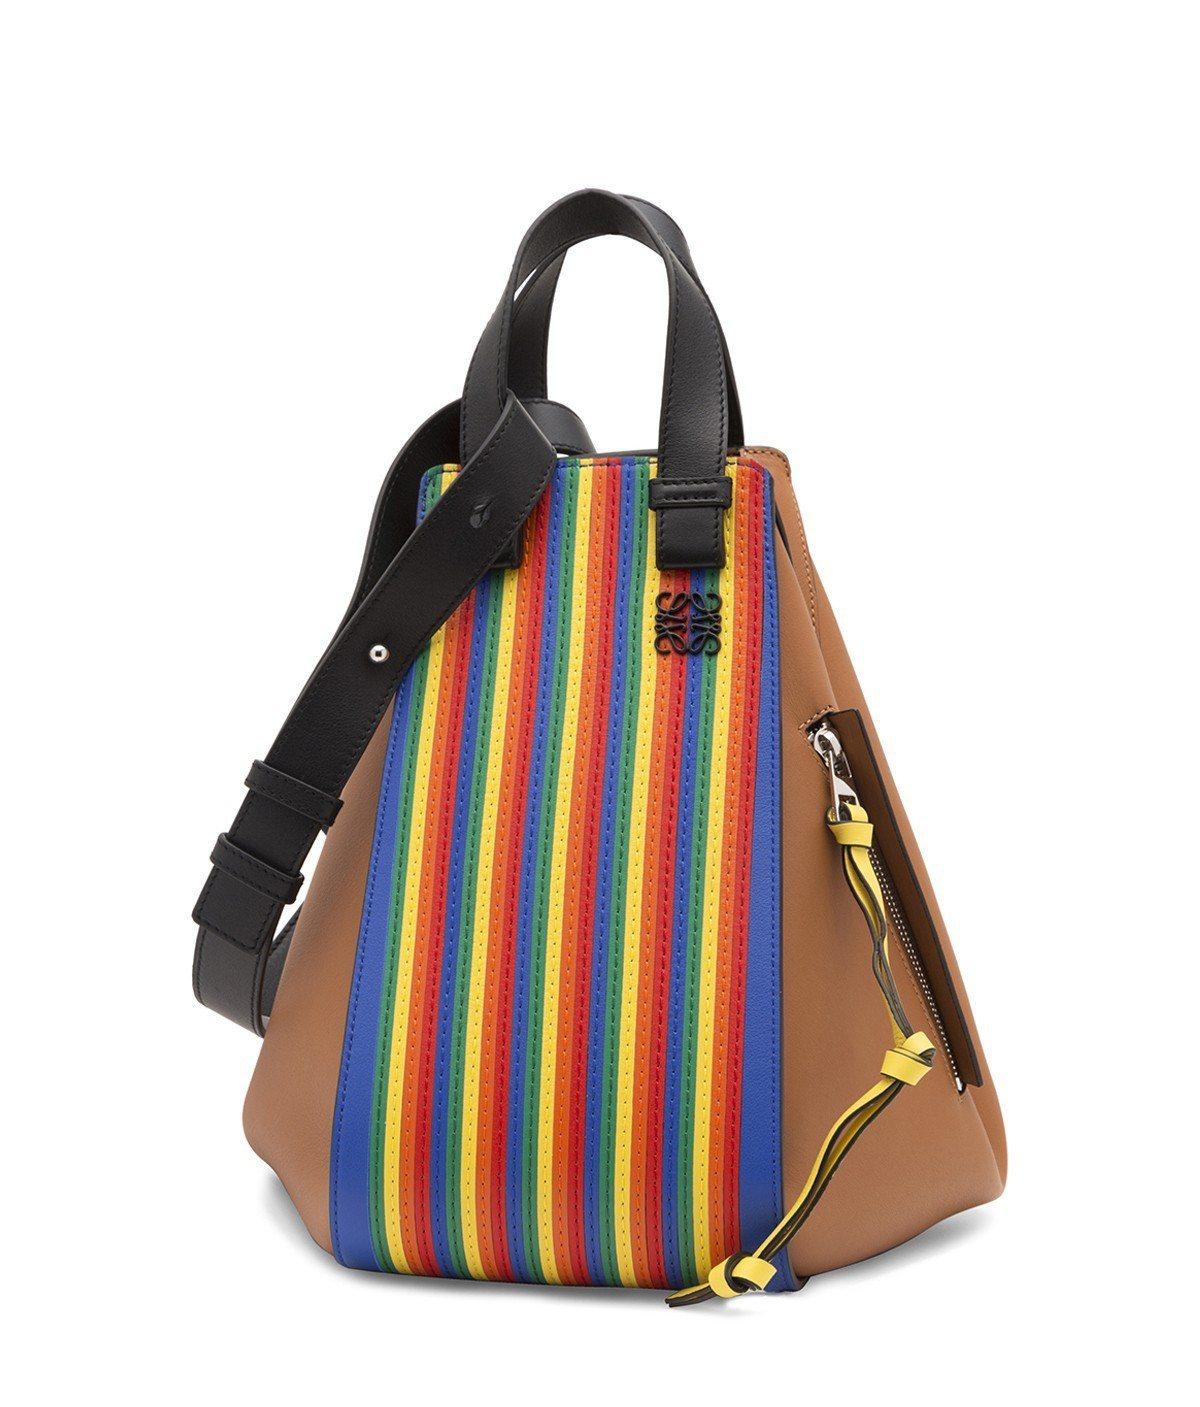 Hammock彩虹條紋小牛皮手提肩背包(中),售價10萬9,000元。圖/LOE...